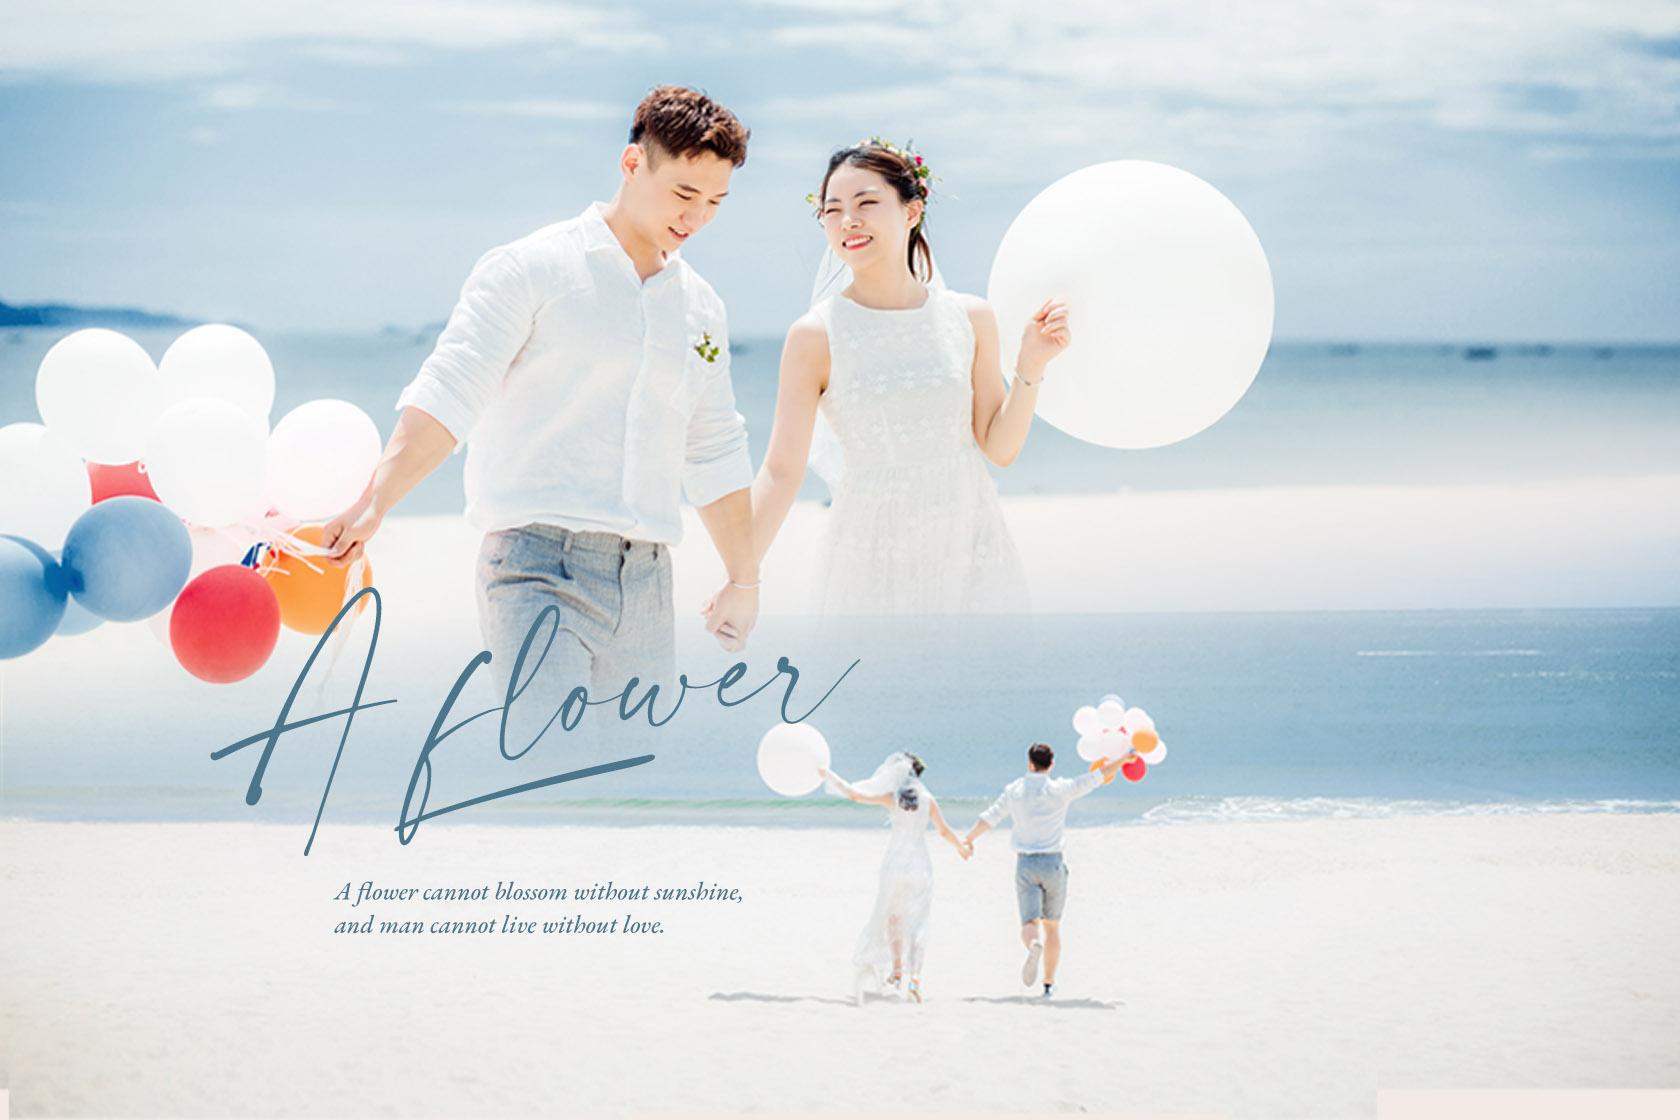 5 Địa điểm chụp ảnh cưới đẹp nhất Việt Nam 2020-2021